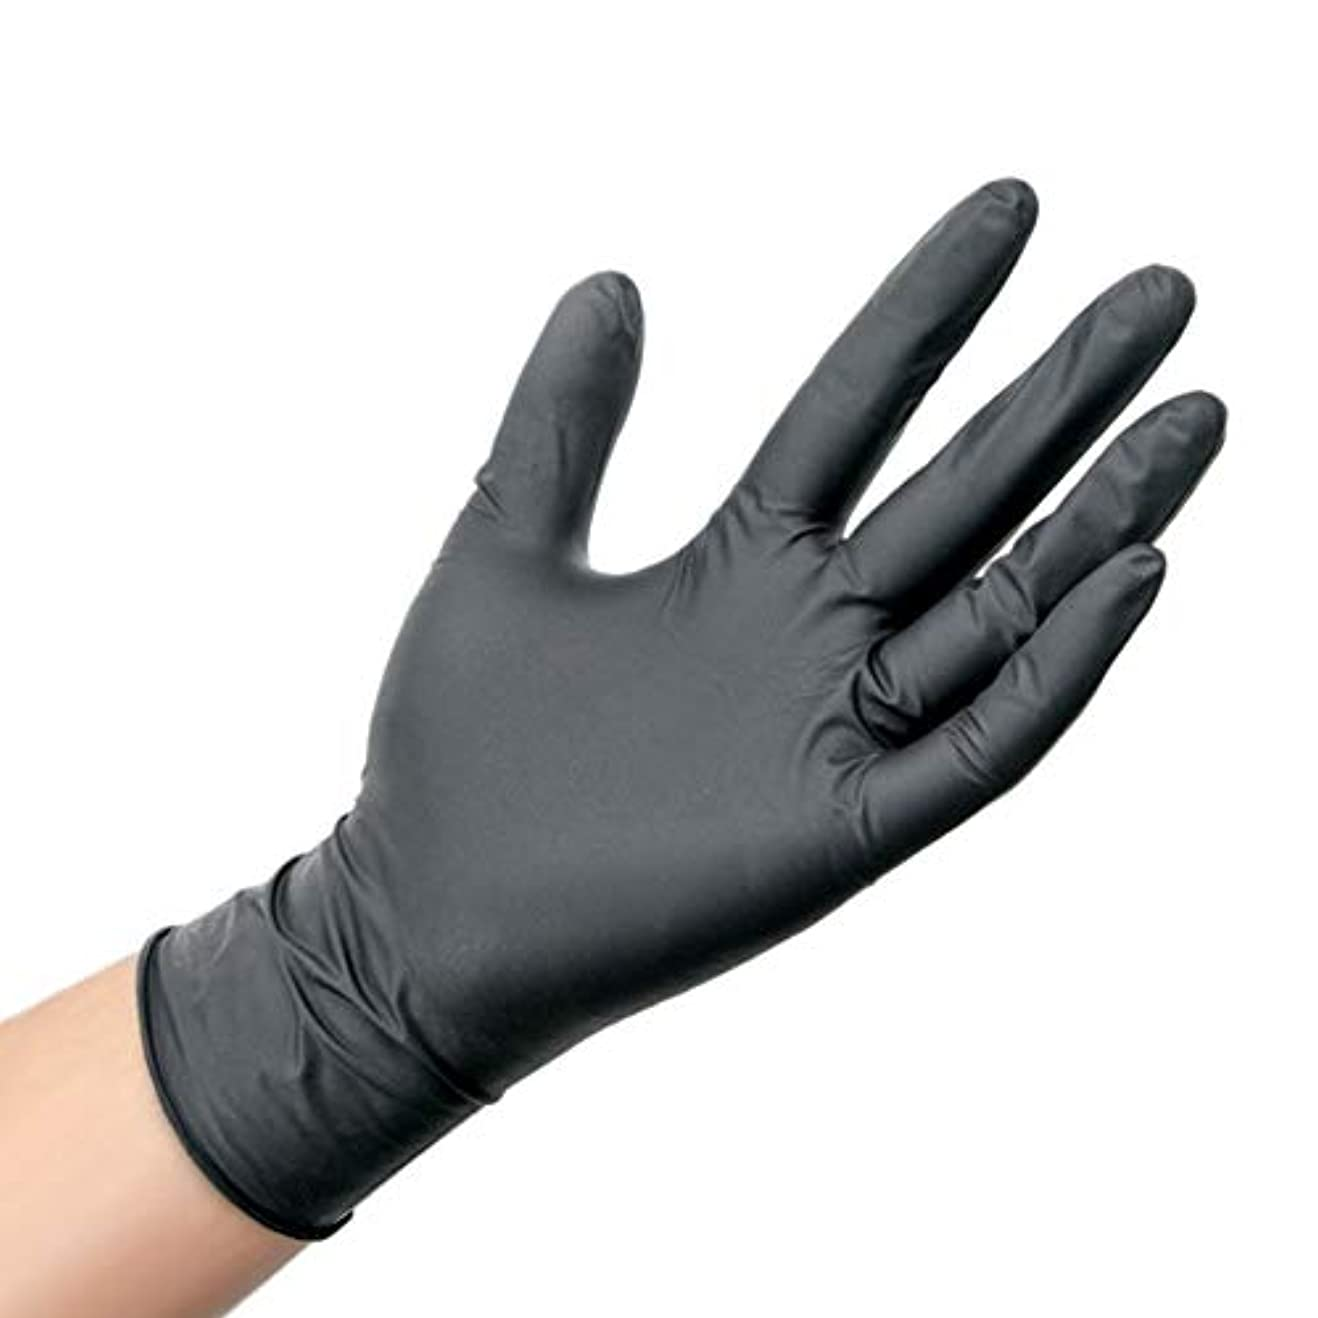 ベアリングサークルうなずく電卓肥厚した抗酸とアルカリの帯電防止保護手袋使い捨て工業用ニトリルゴム手袋 YANW (色 : ブラック, サイズ さいず : M m)